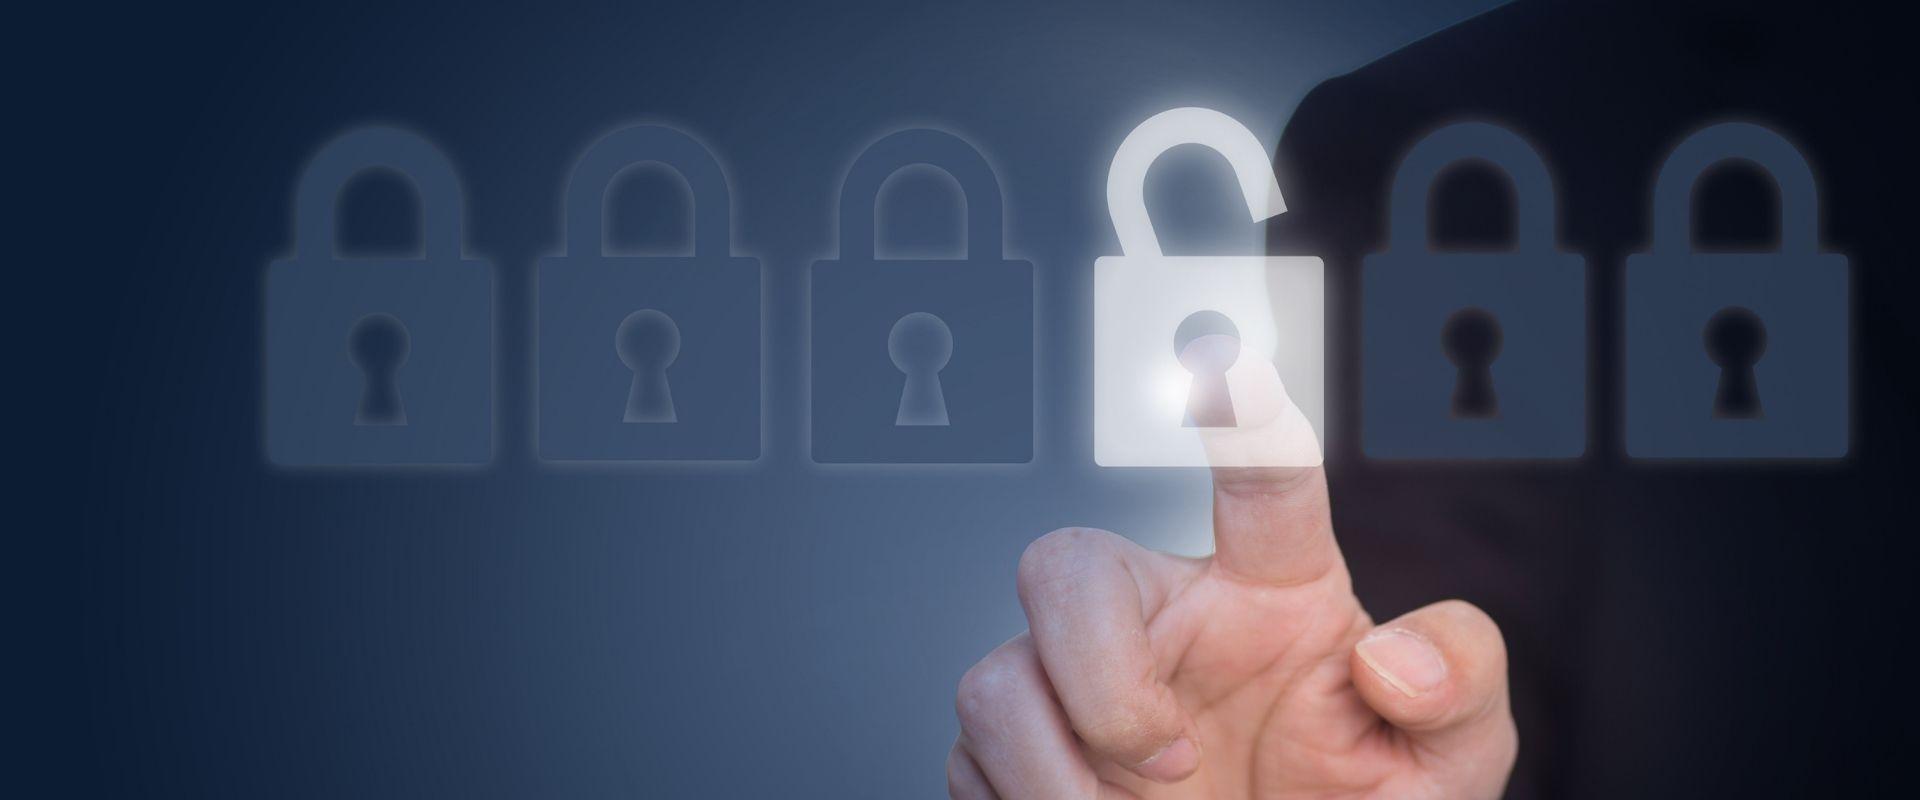 Testes automatizados de segurança: qual é sua importância e benefícios